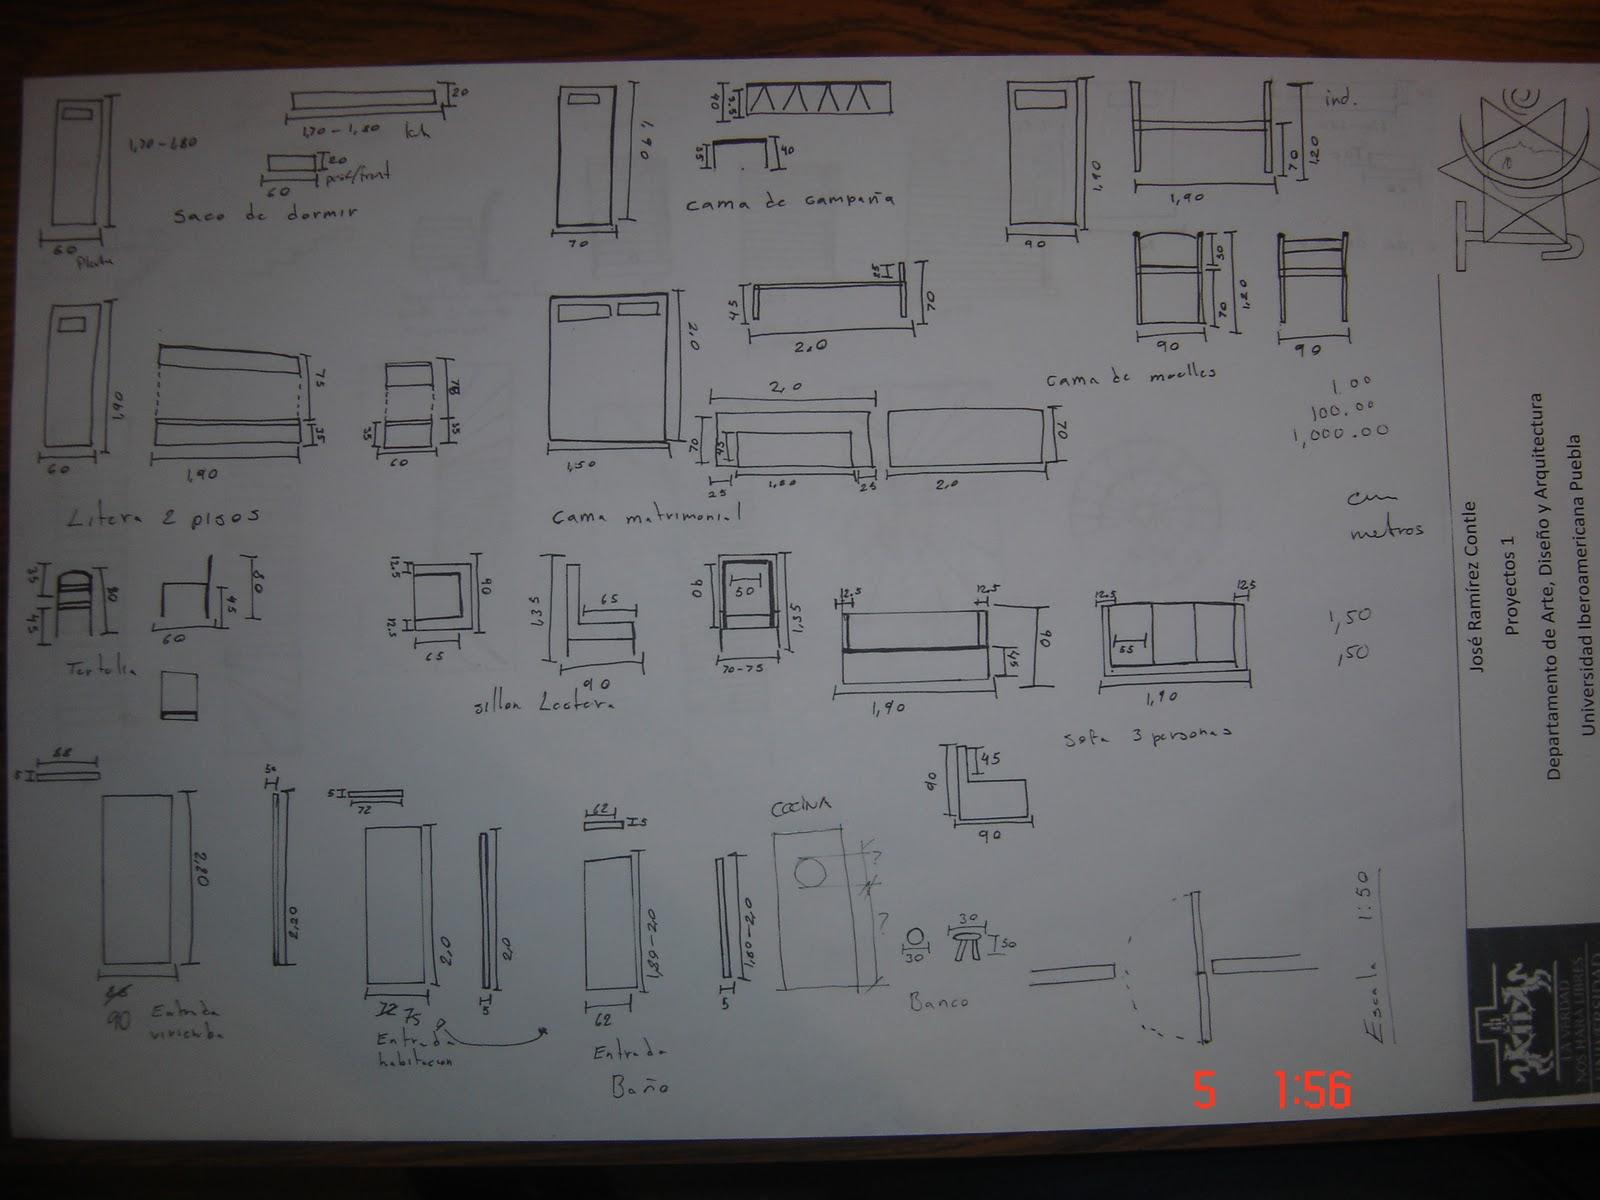 Joc proyectos 1 medidas muebles for Medidas de un mueble zapatero